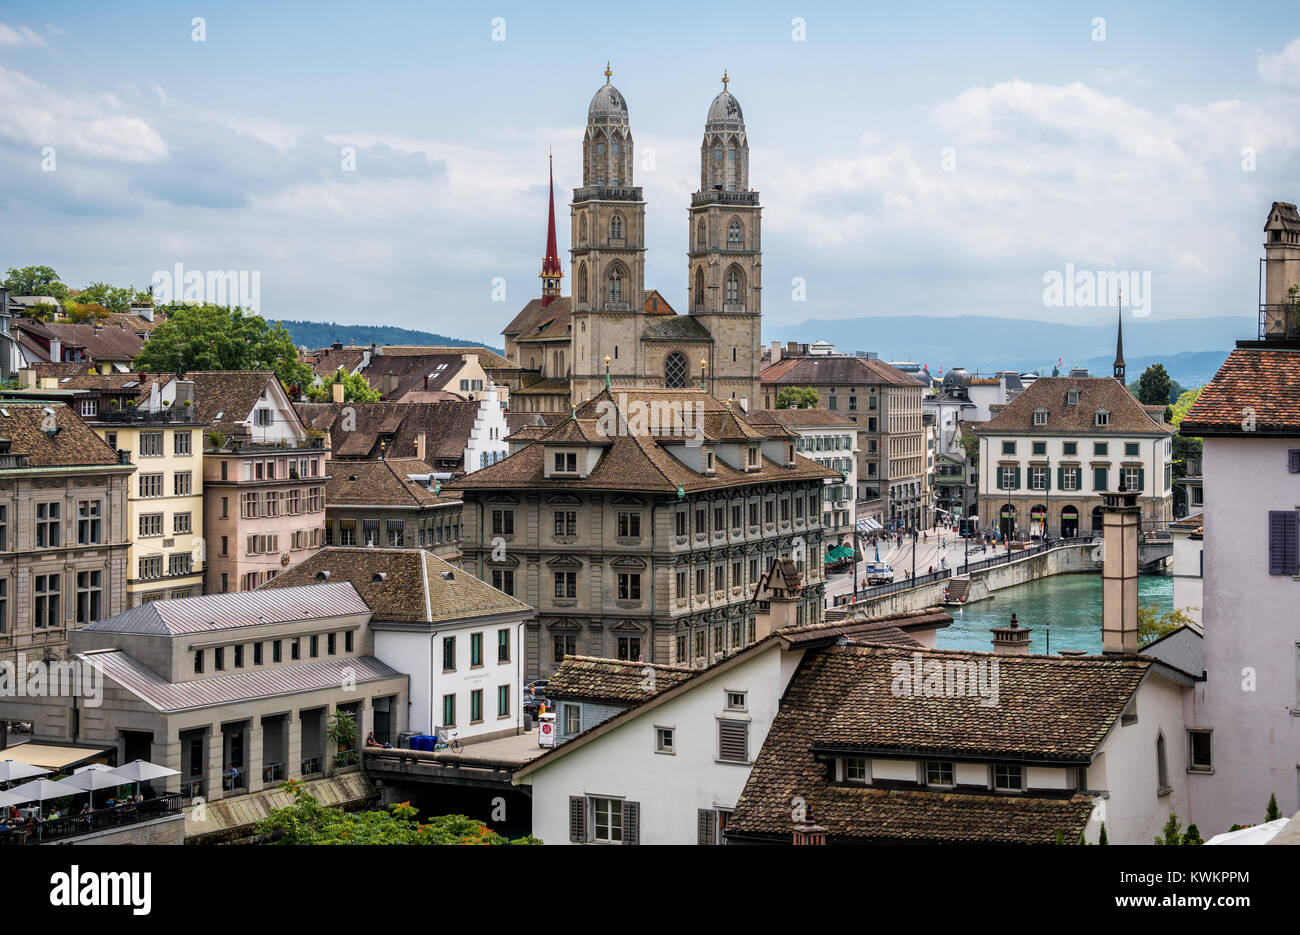 View of Zurich with Grossmünster church, Switzerland - Stock Image